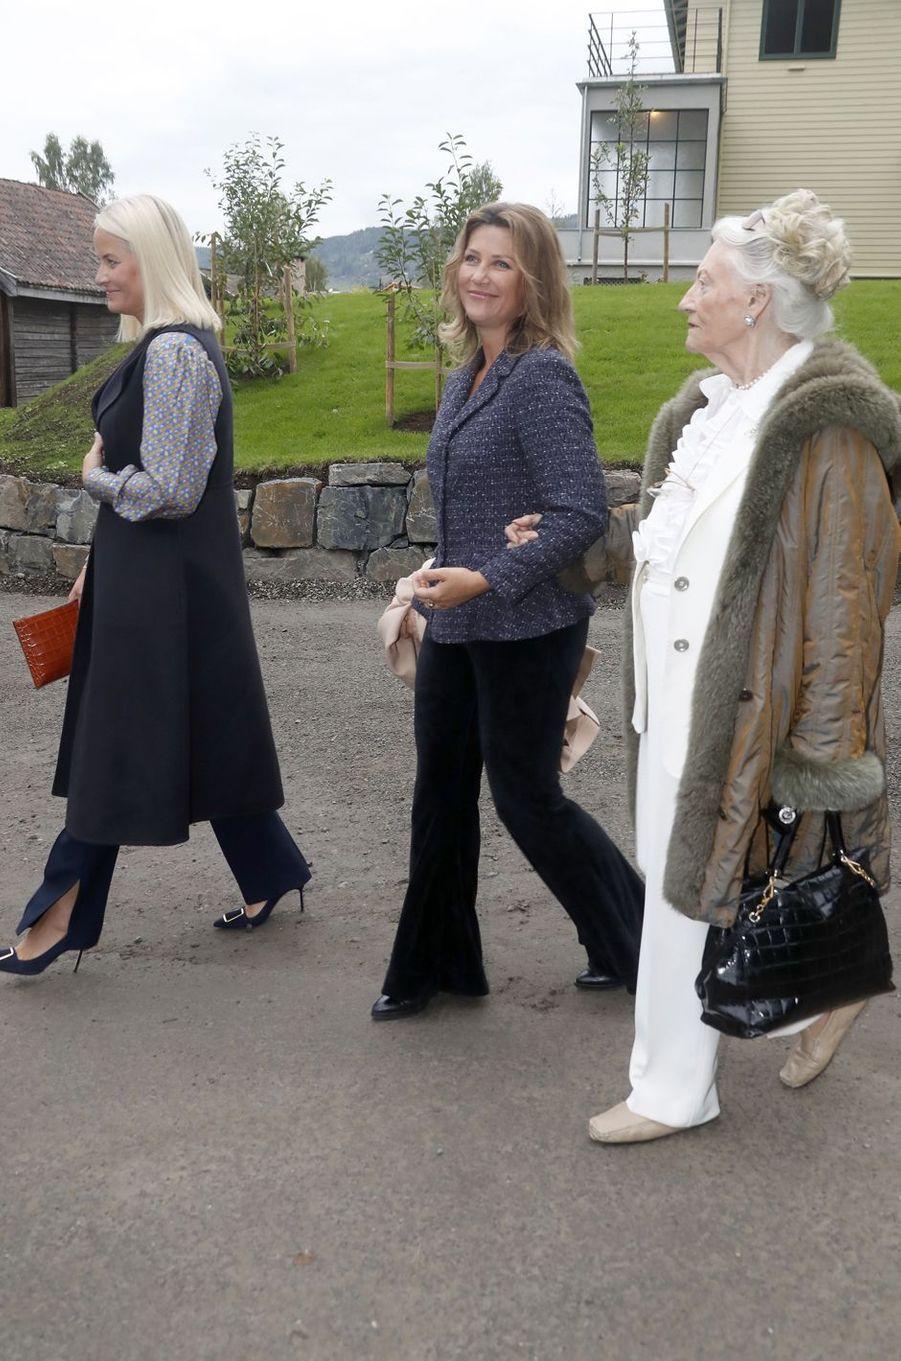 Les princesses Mette-Marit et Märtha Louise de Norvège à Lillehammer, le 27 août 2018